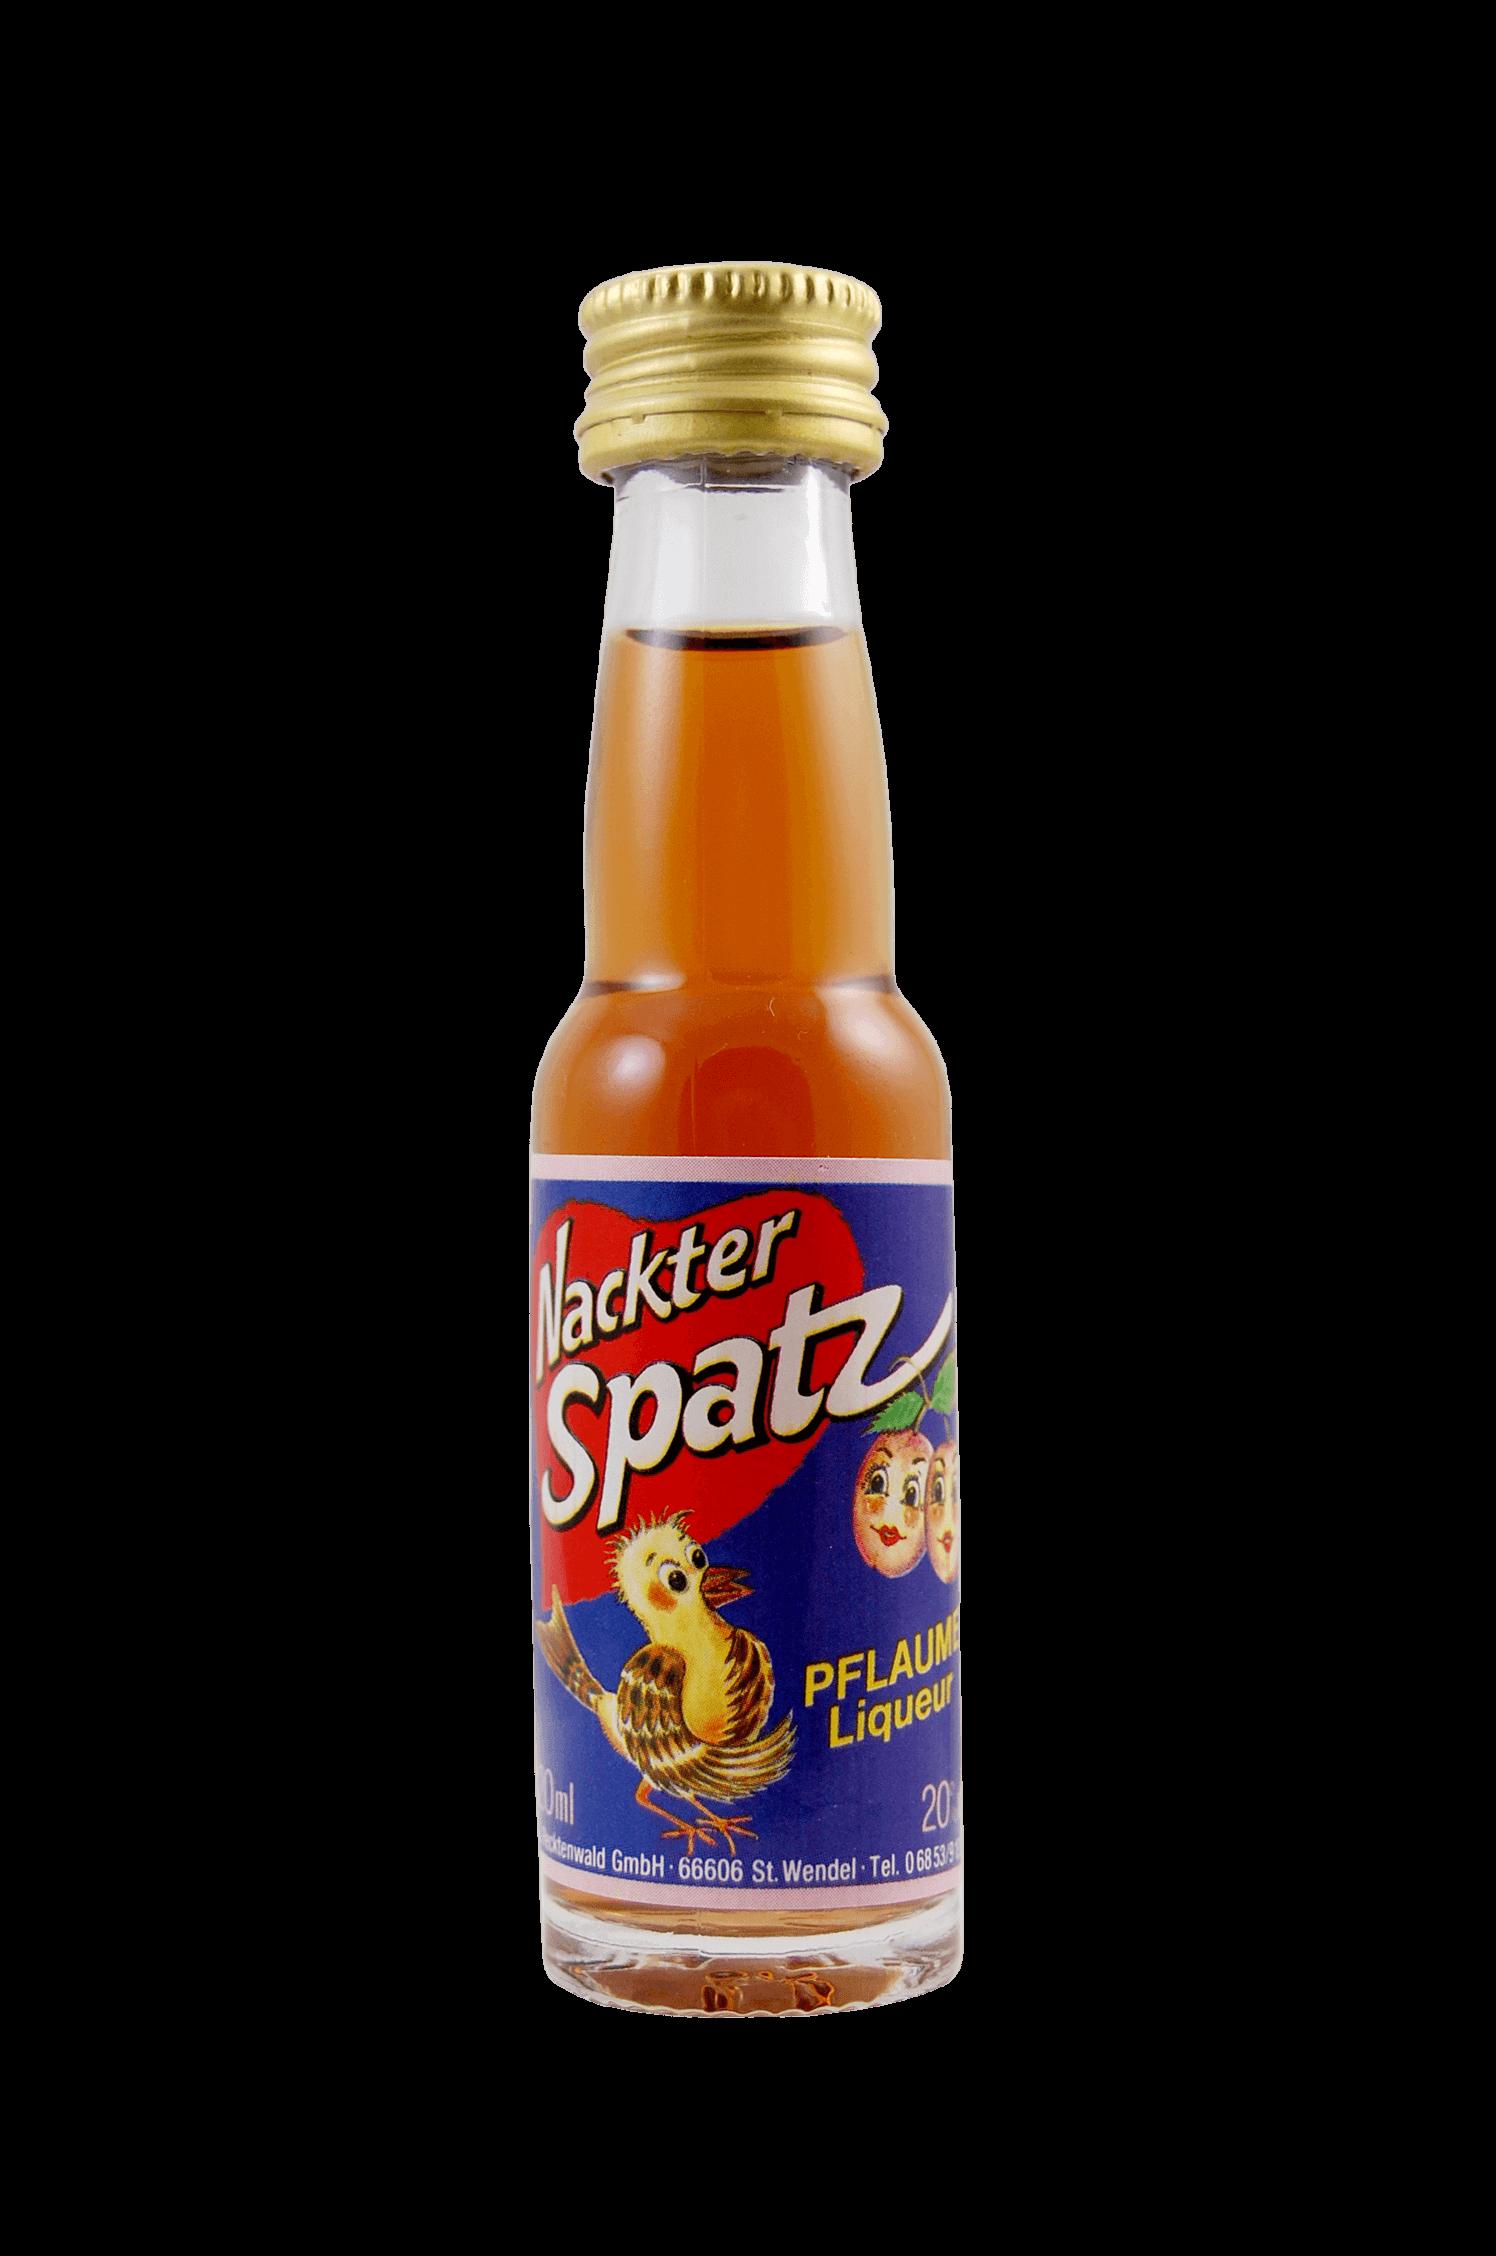 Nackter Spatz Liqueur